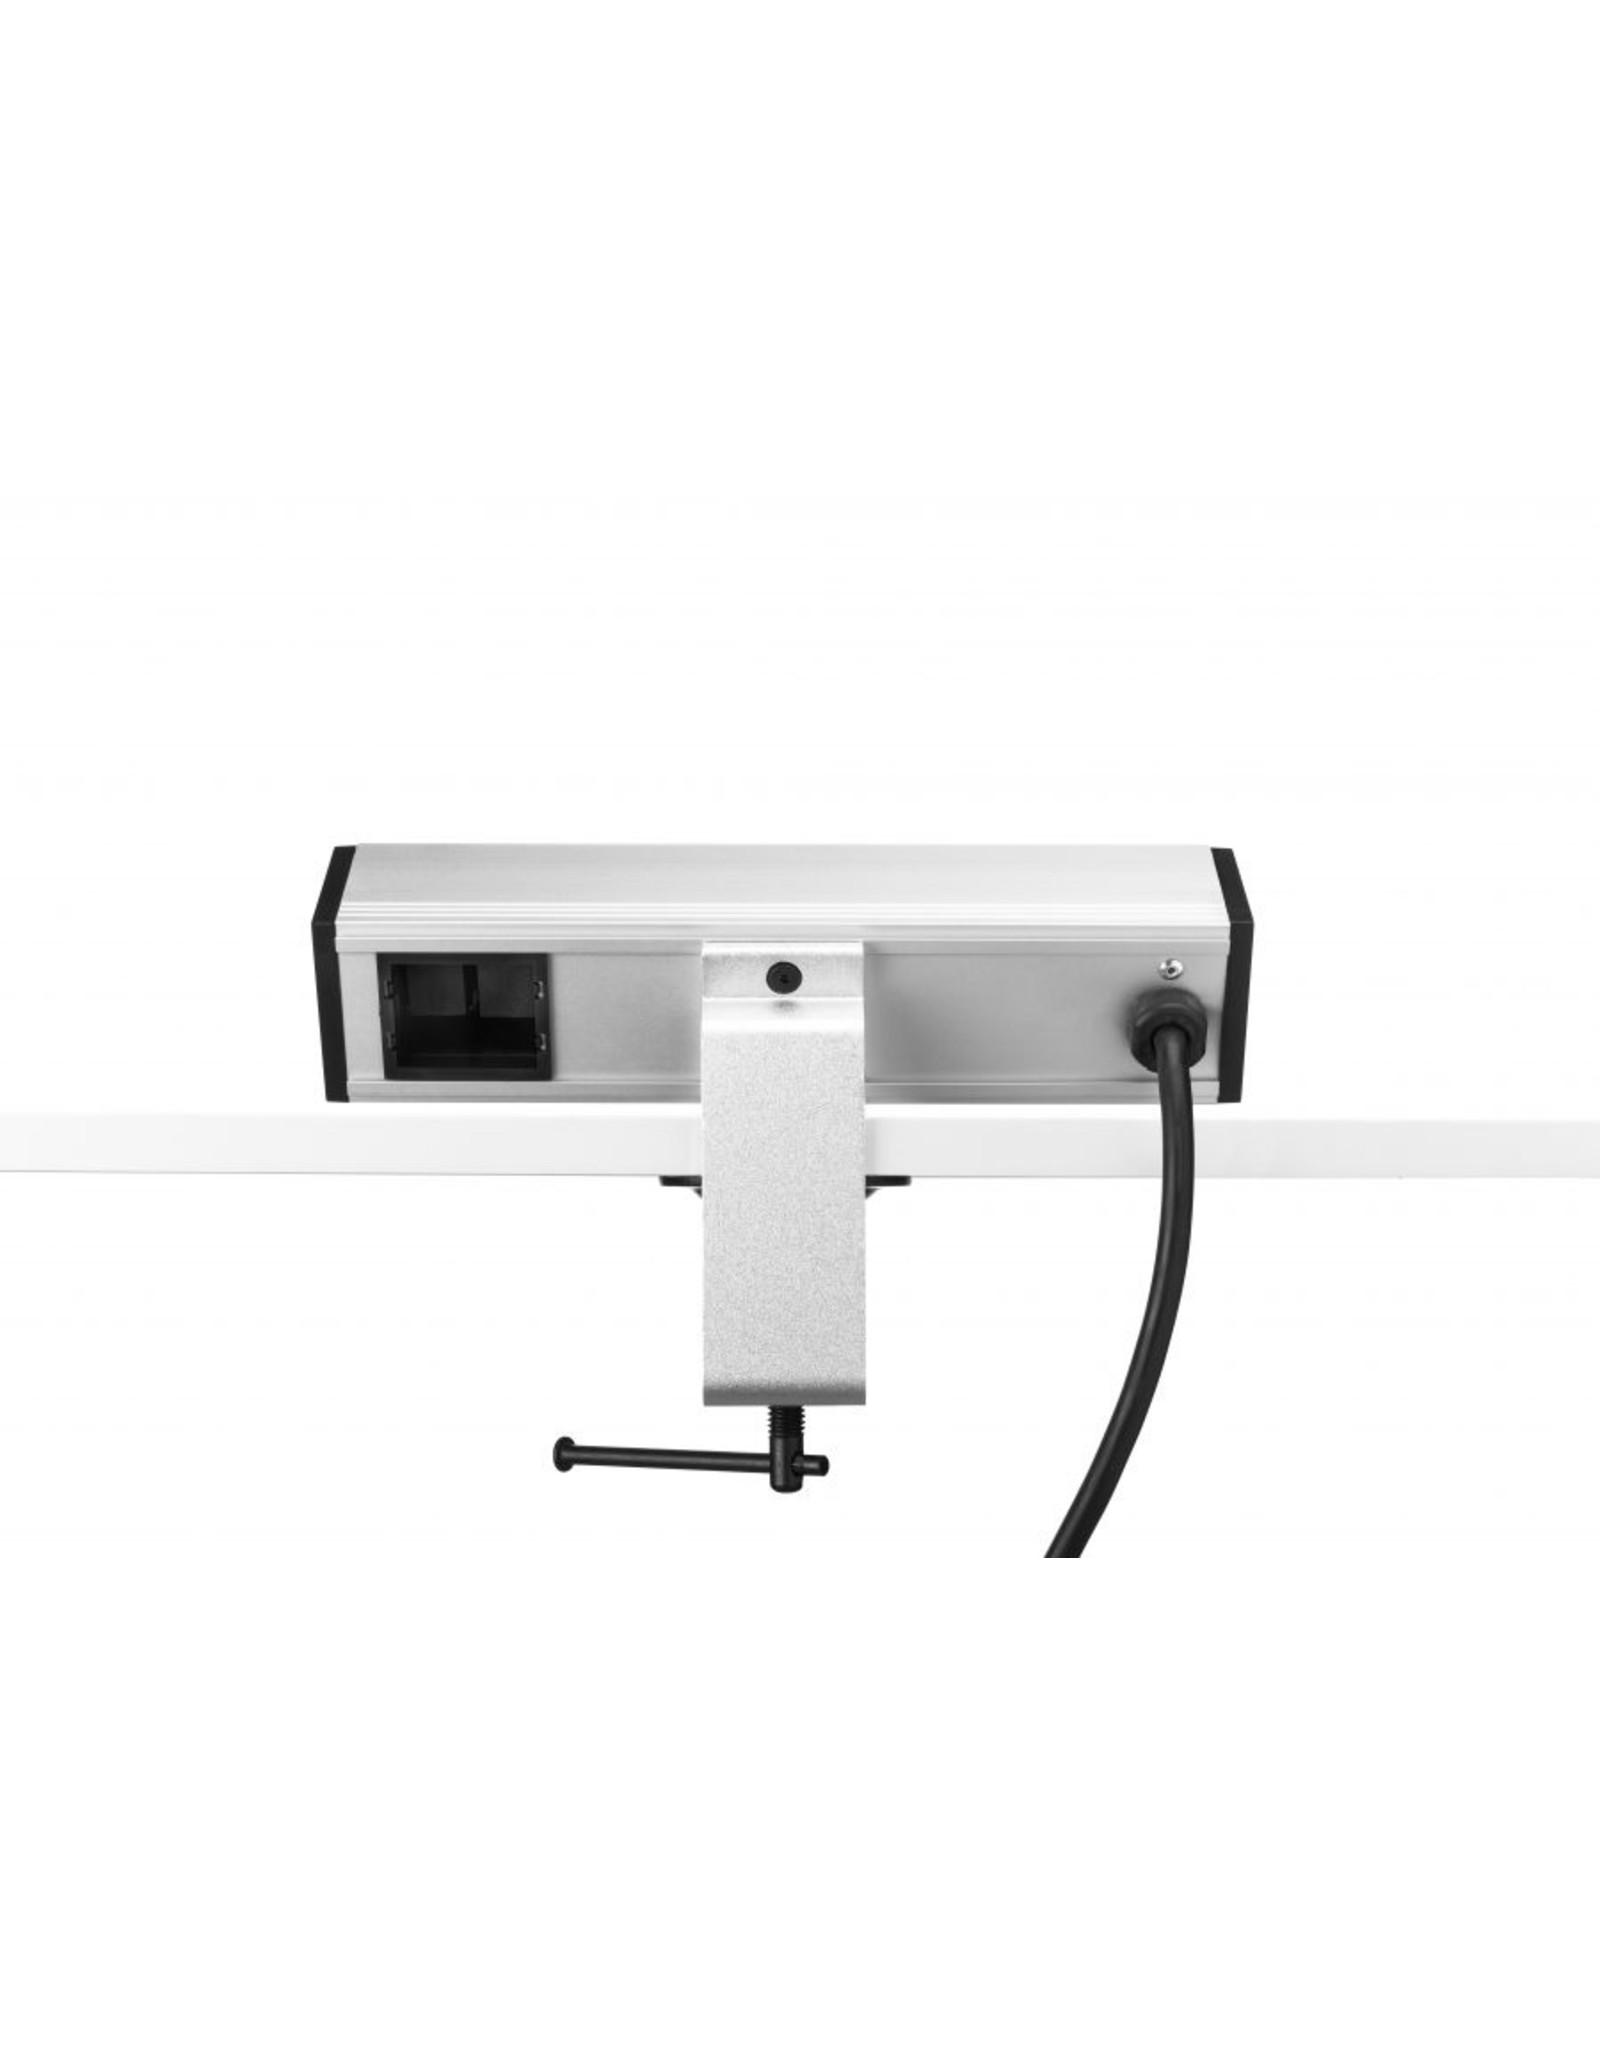 Ergo Power Desk up - 2x 230V - 2x USB charger - 1x Keystone